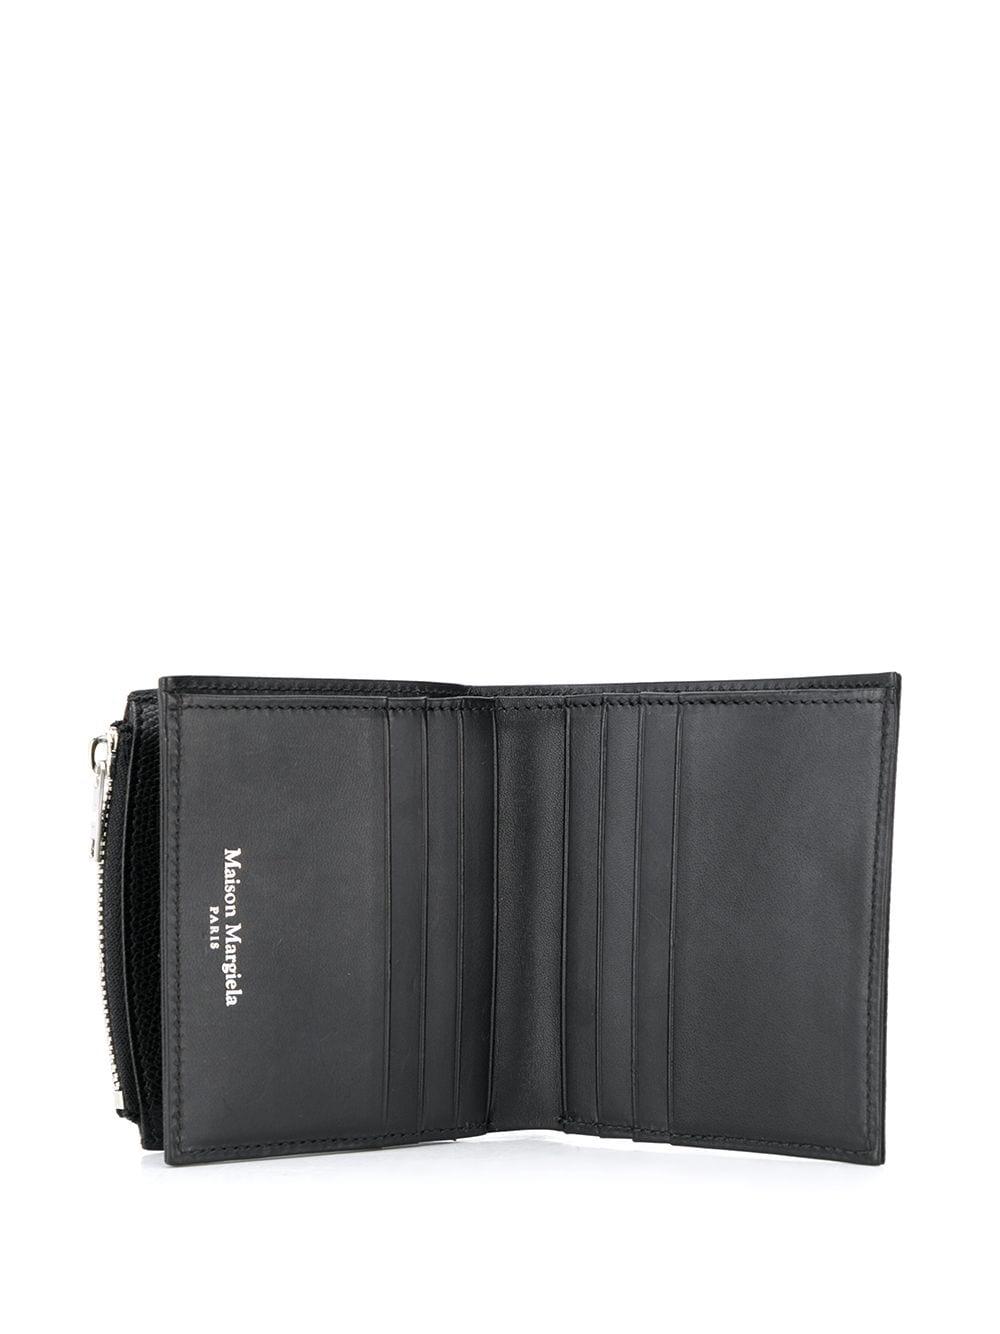 MAISON MARGIELA | Wallets | S35UI0438 P0399T8013